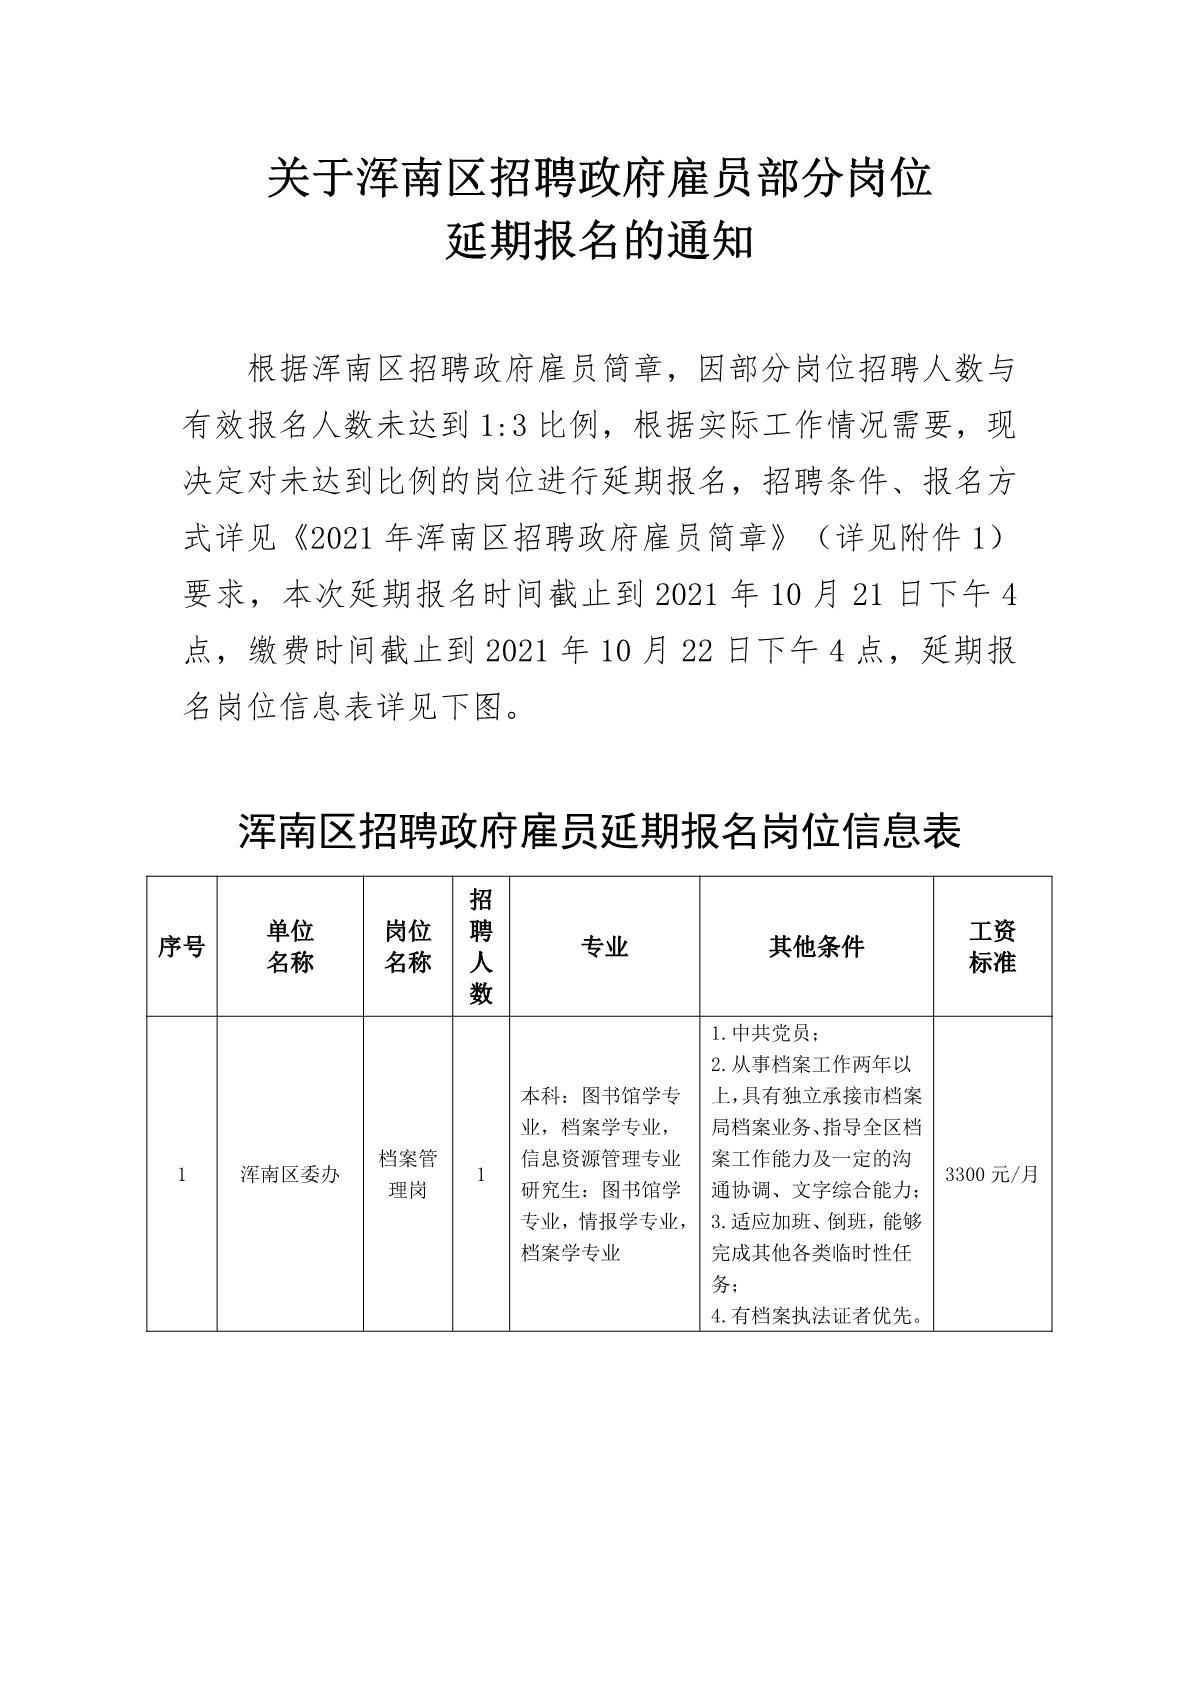 关于浑南区招聘政府雇员部分岗位 延期报名的通知